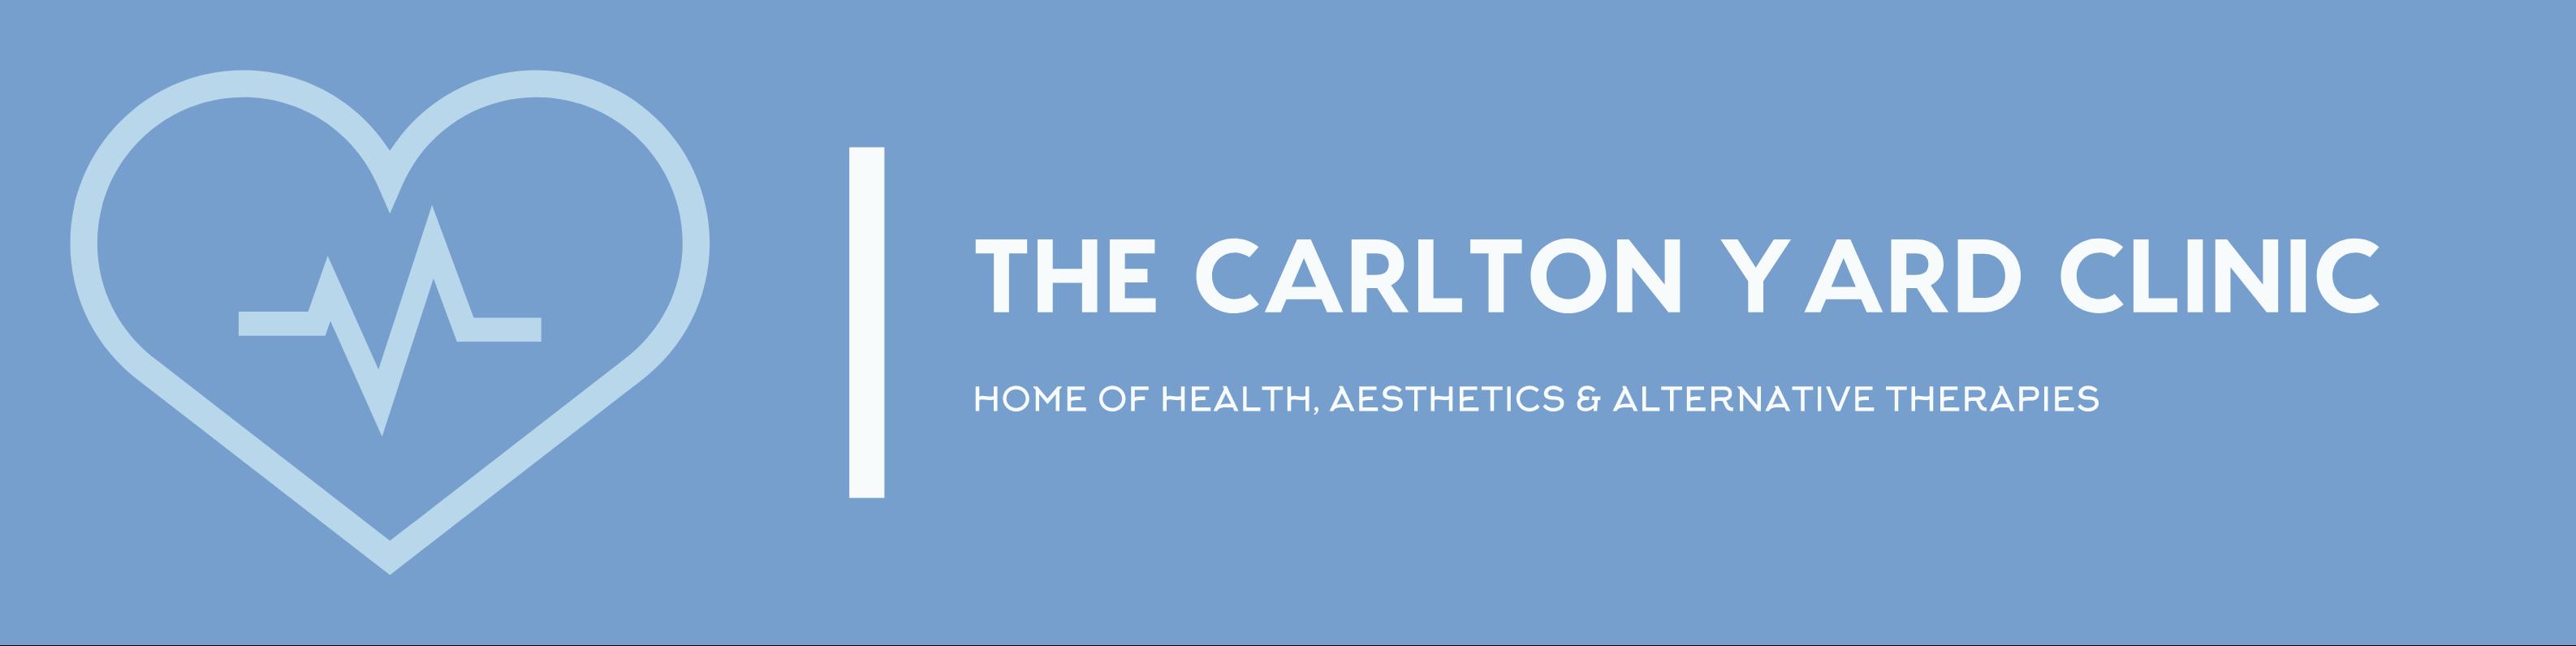 The Carlton Yard Clinic